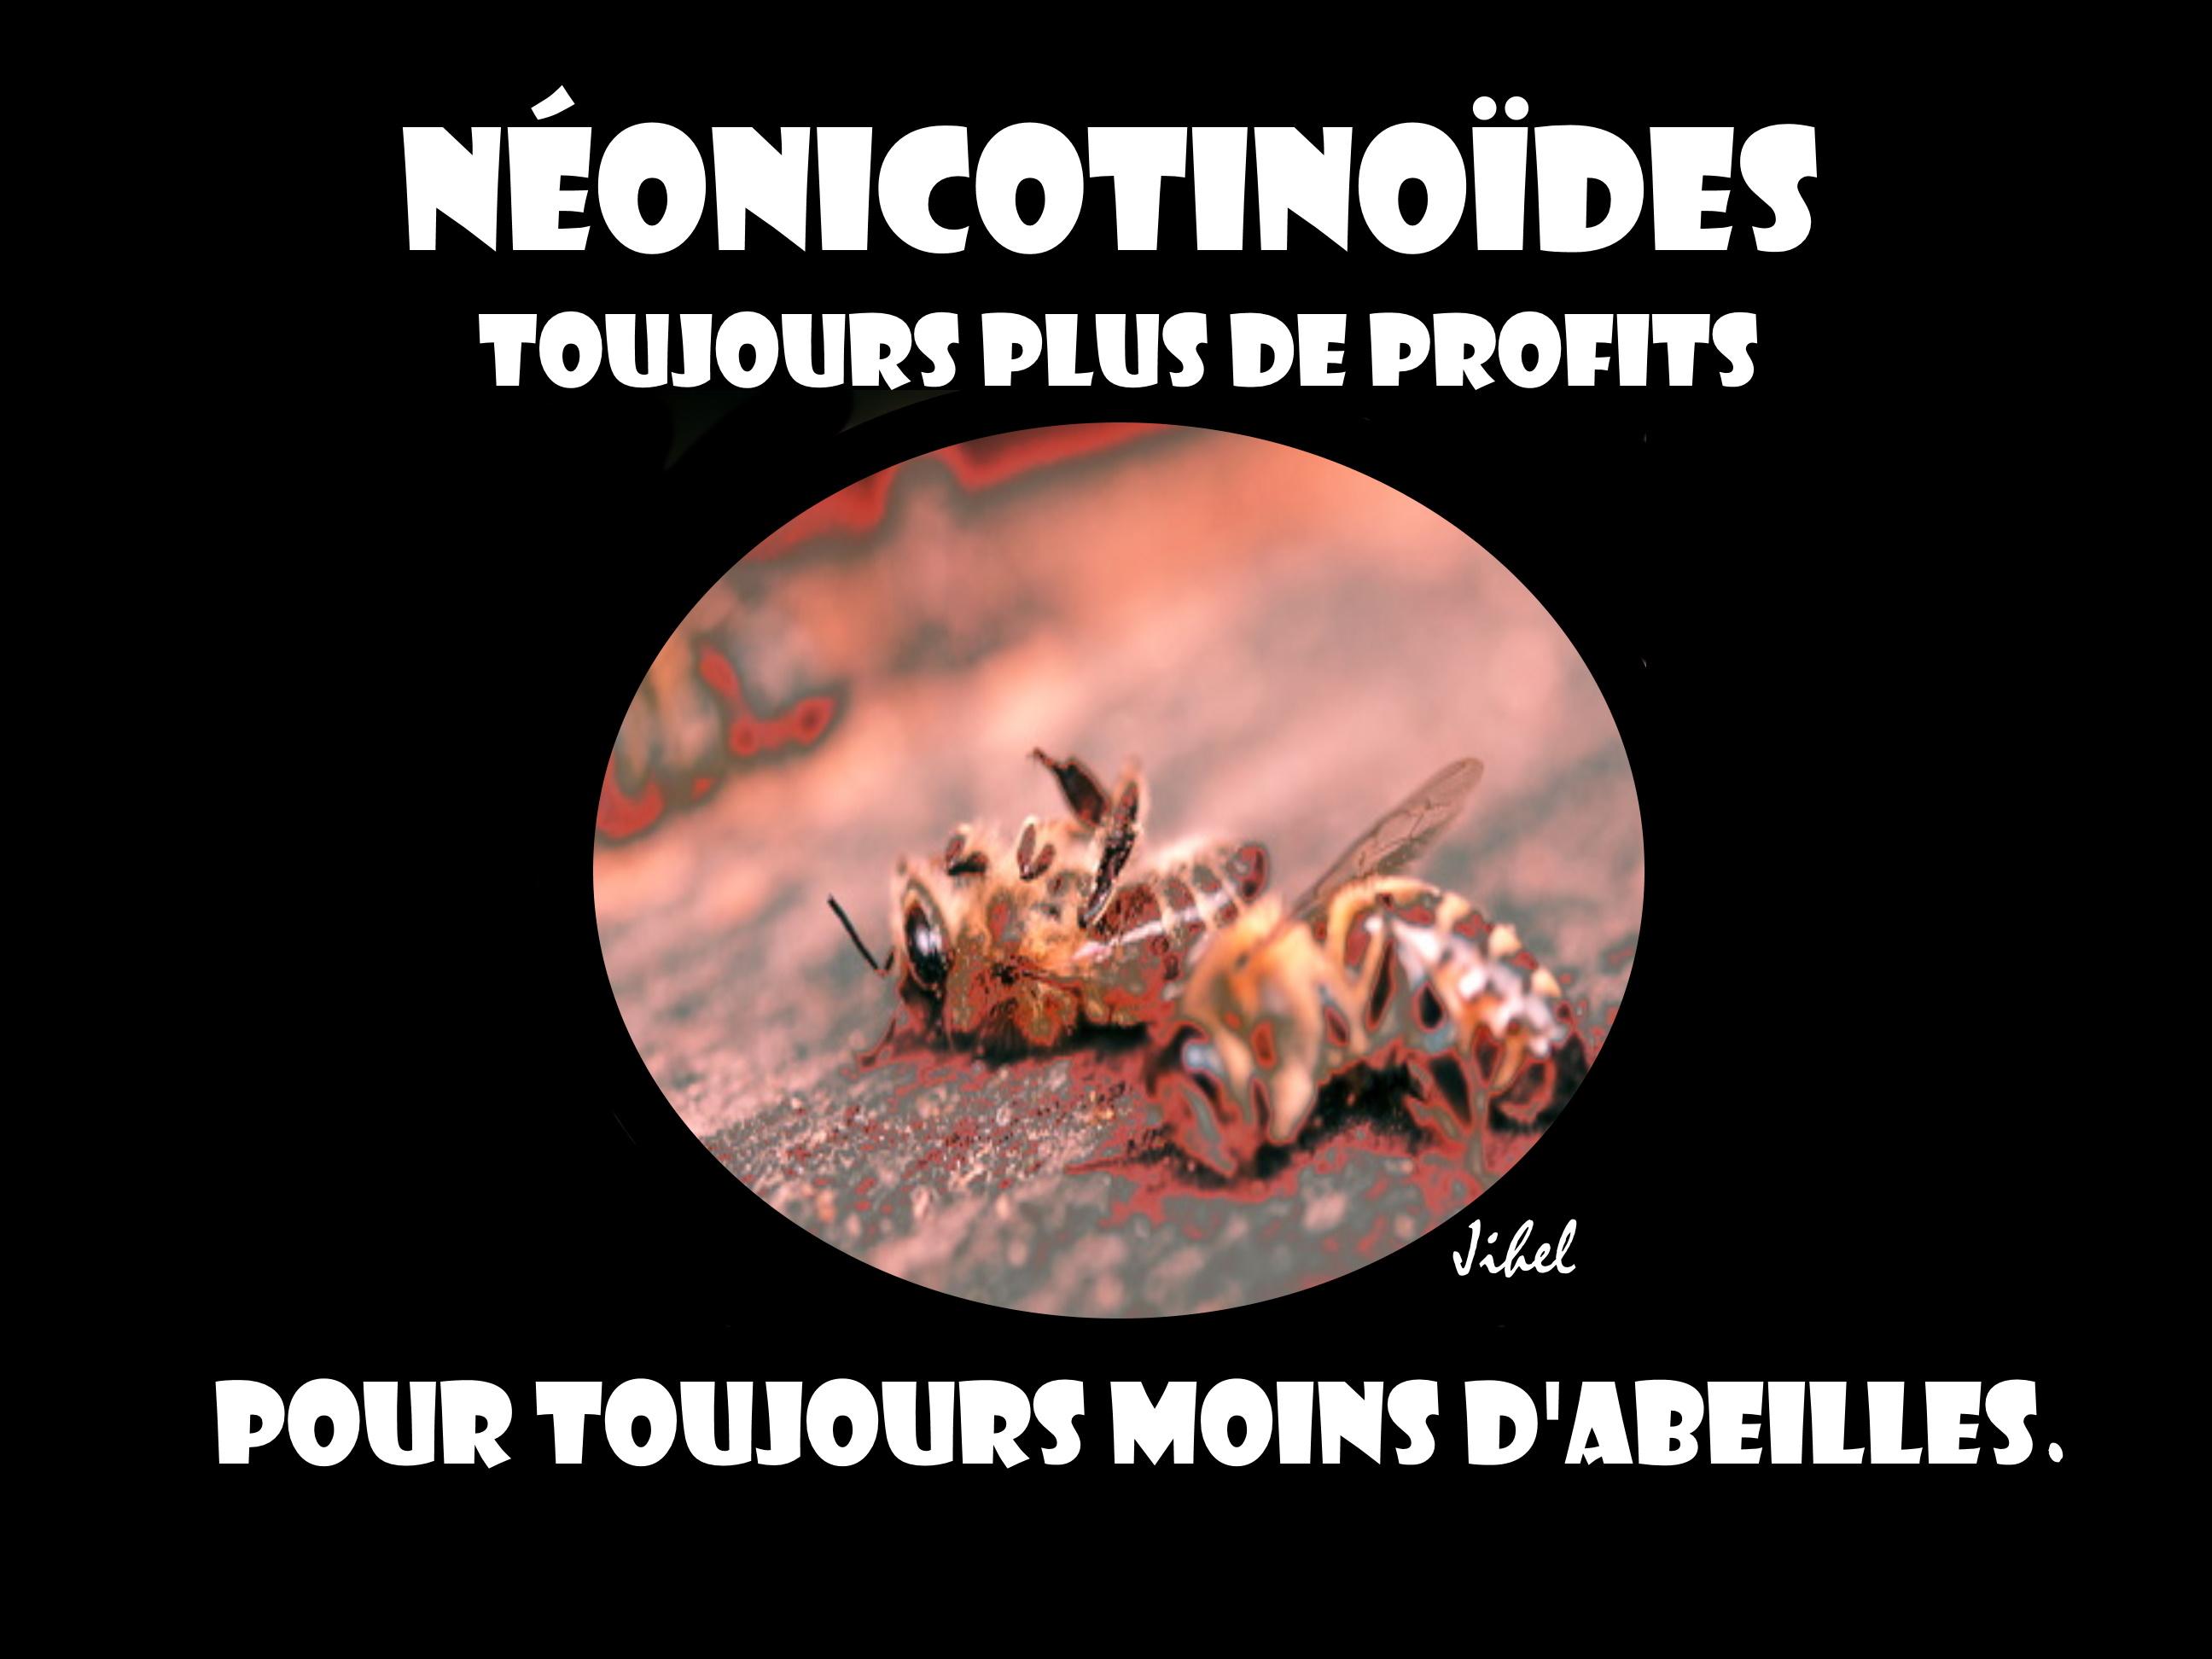 Néonicotinoïdes (1)